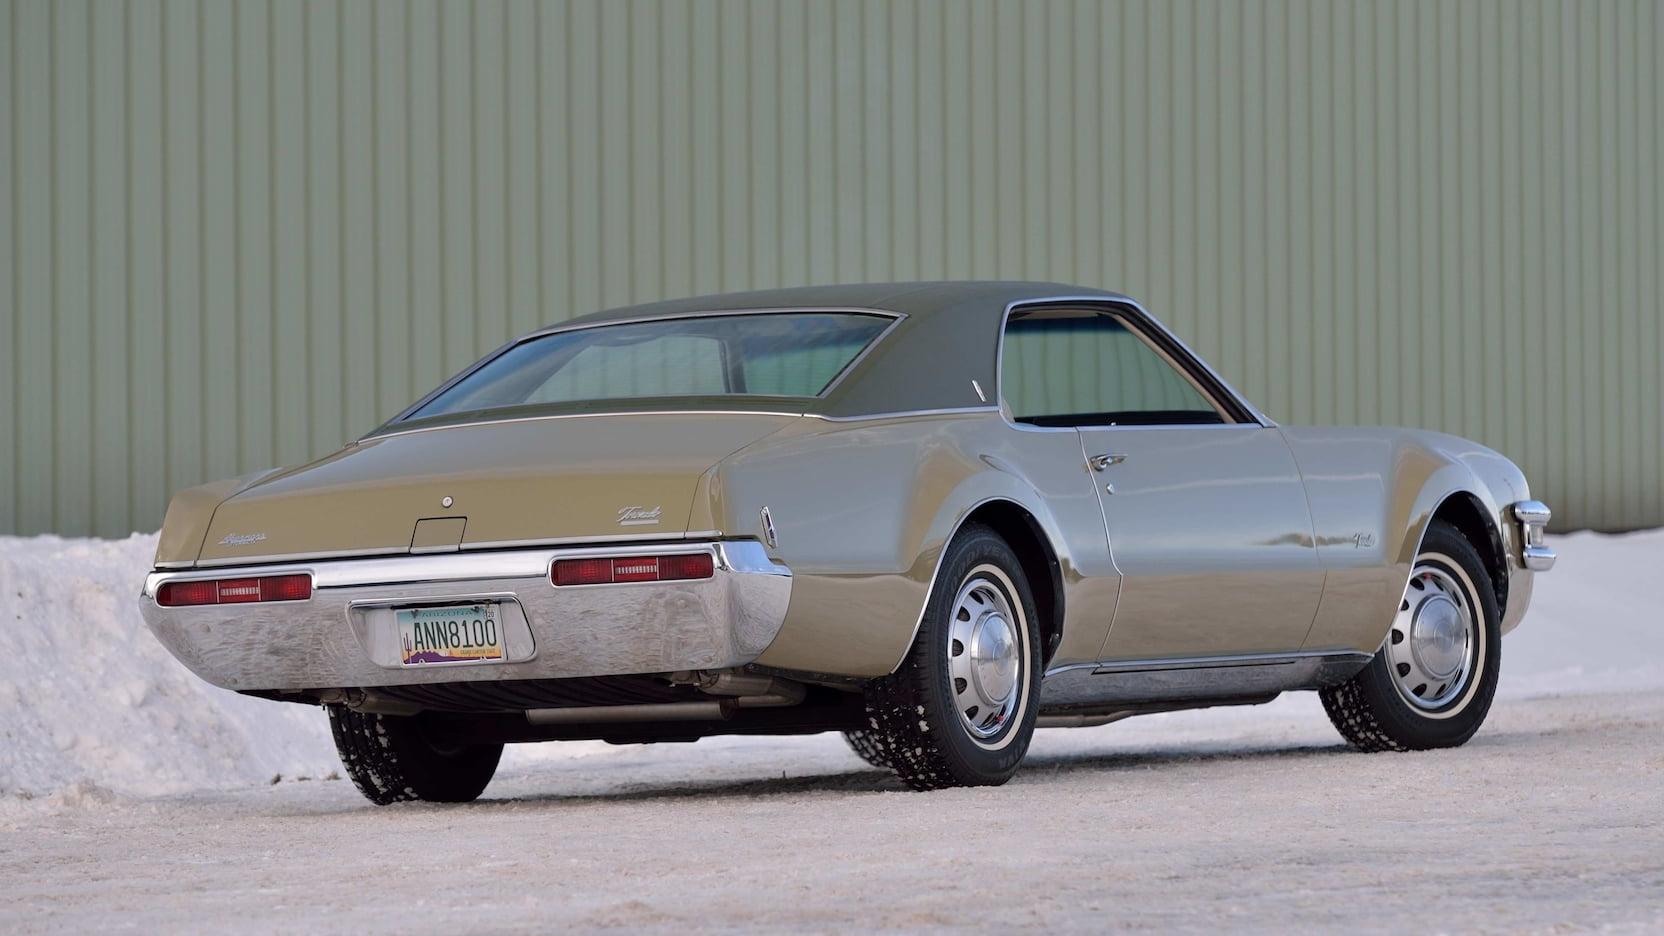 1969 Oldsmobile Toronado rear 3/4